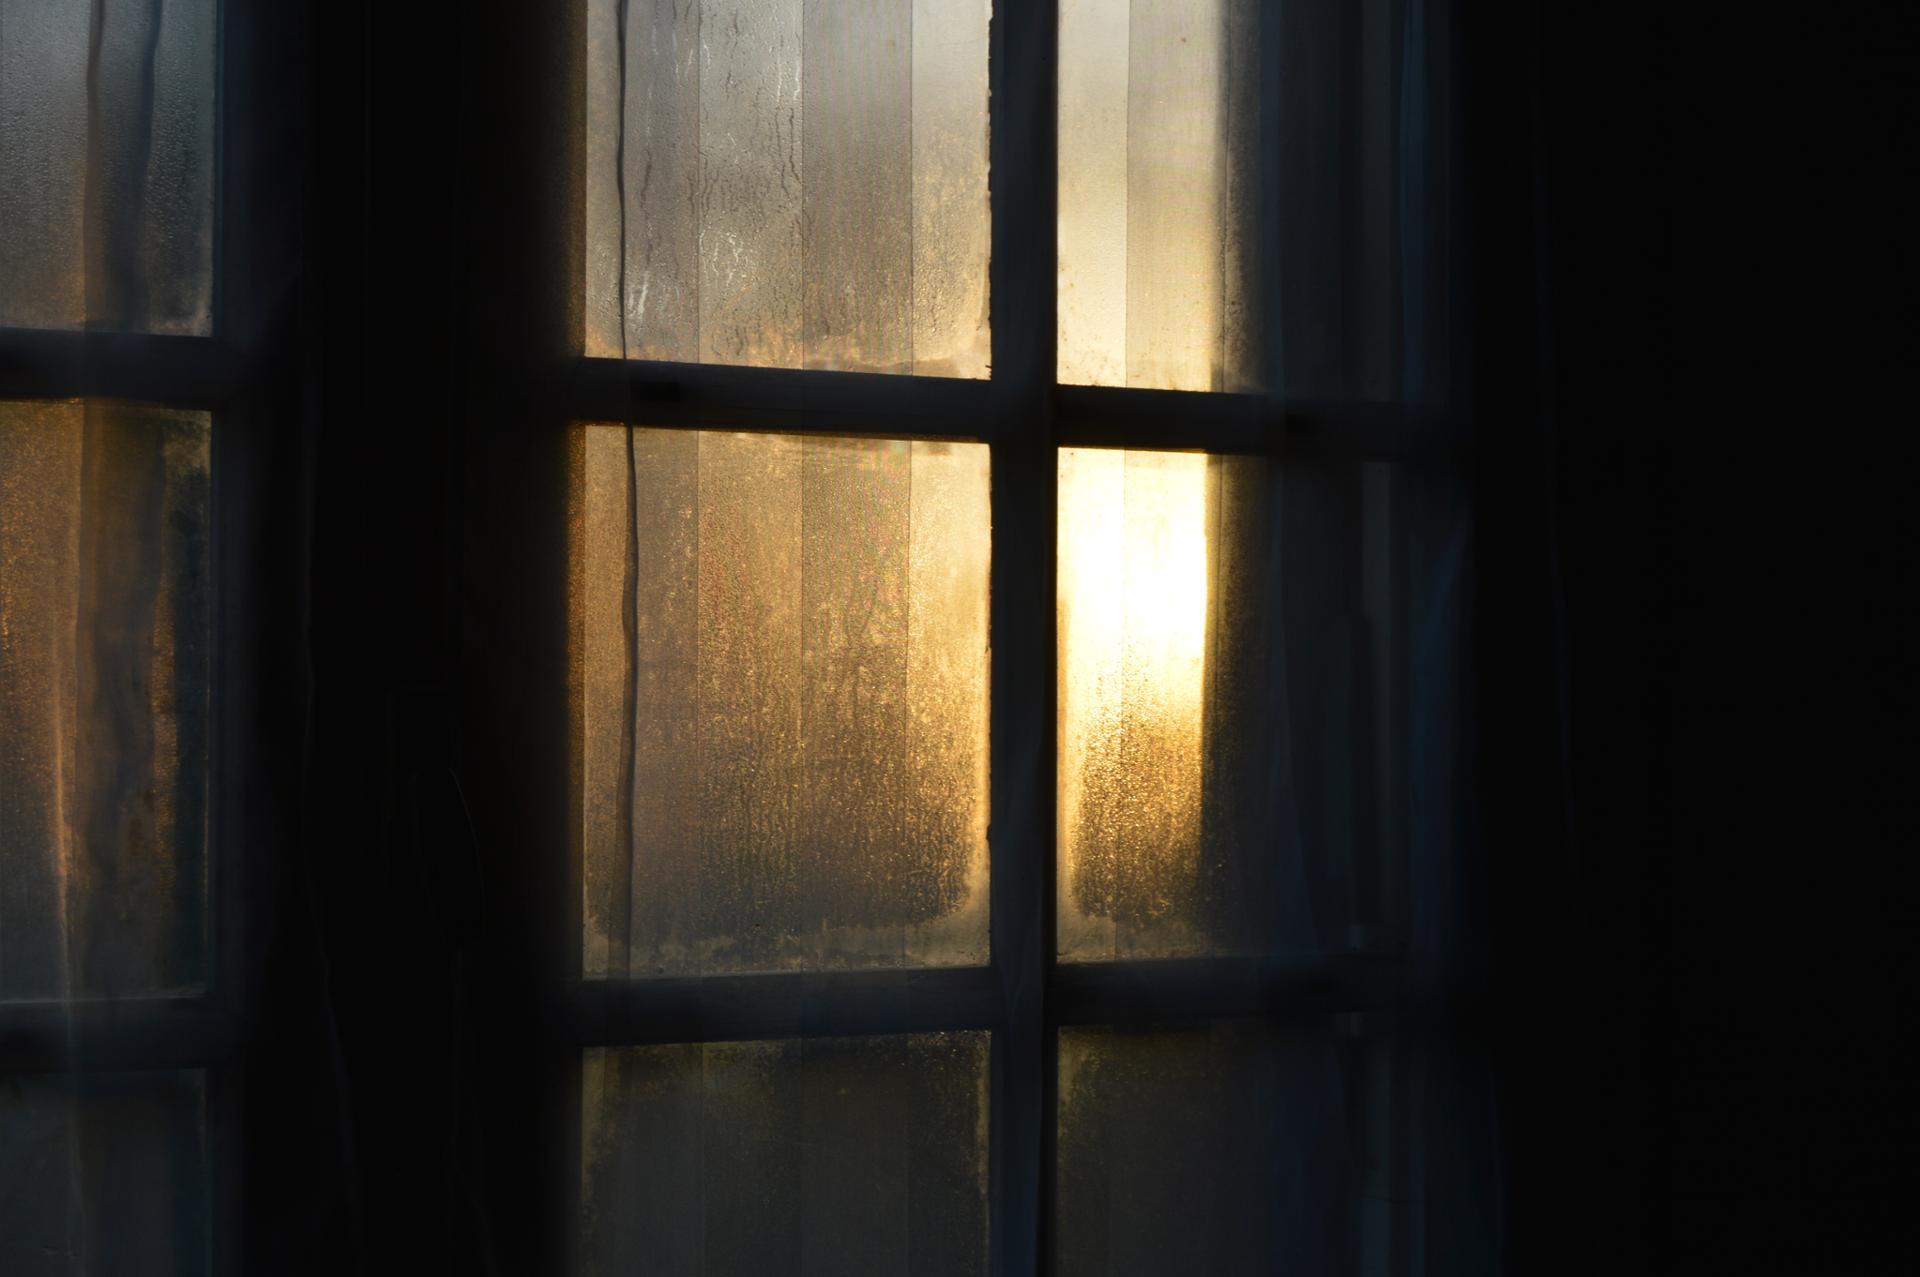 Lumières d'hiver - Fenêtre